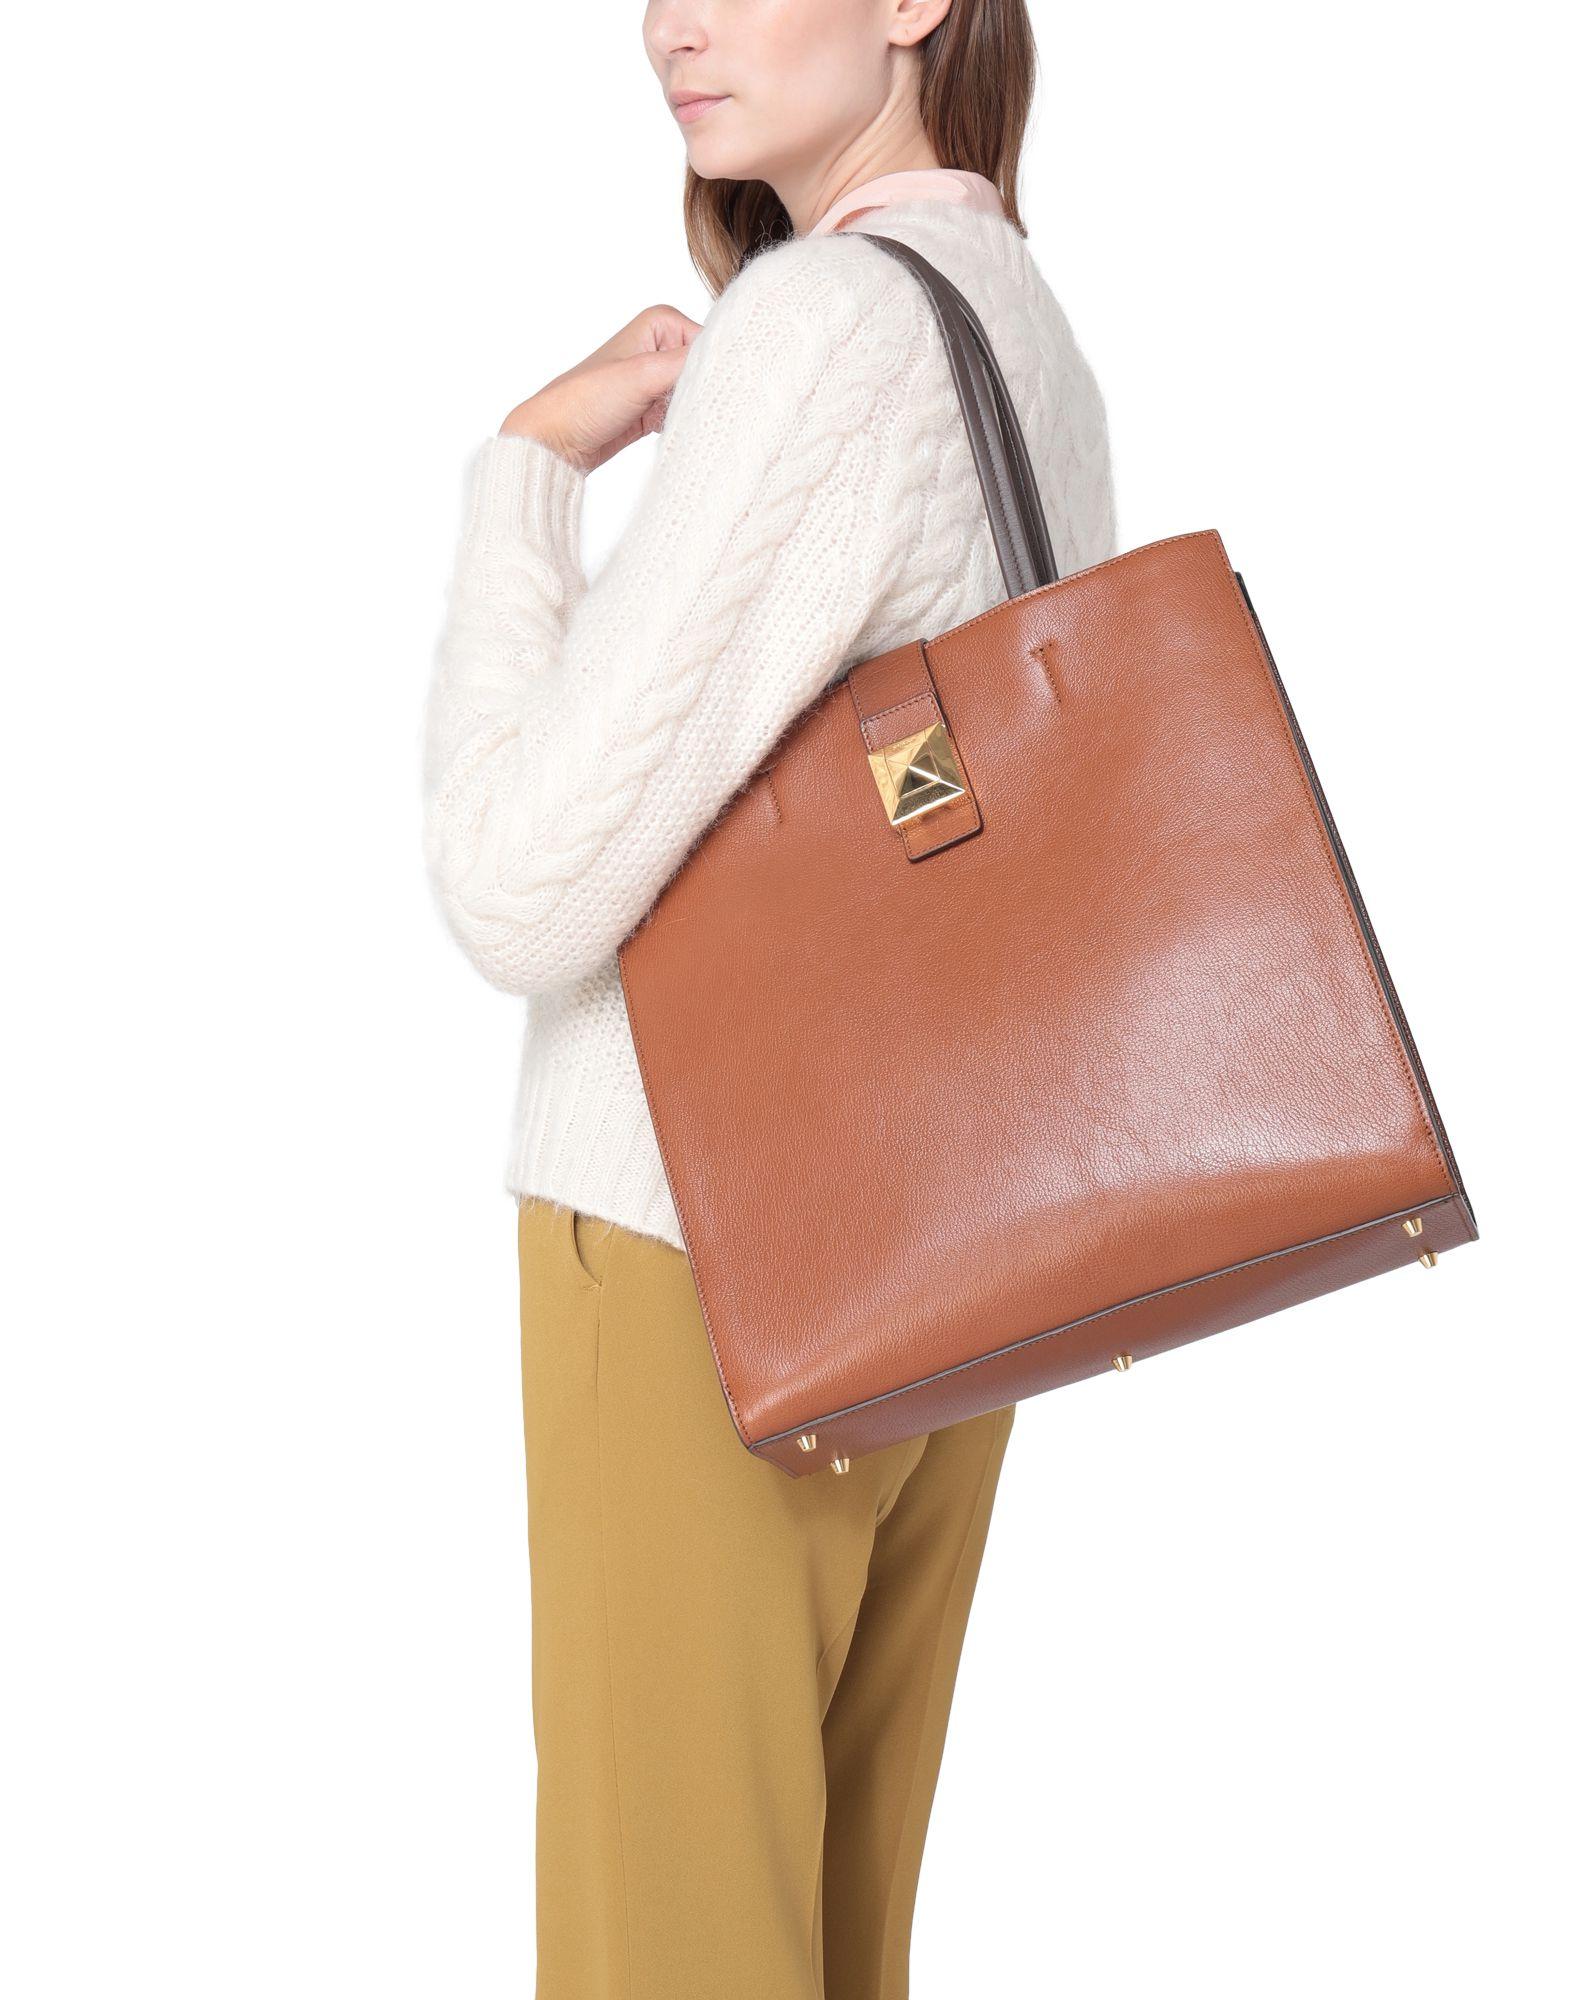 バッグを持ったモデルの画像